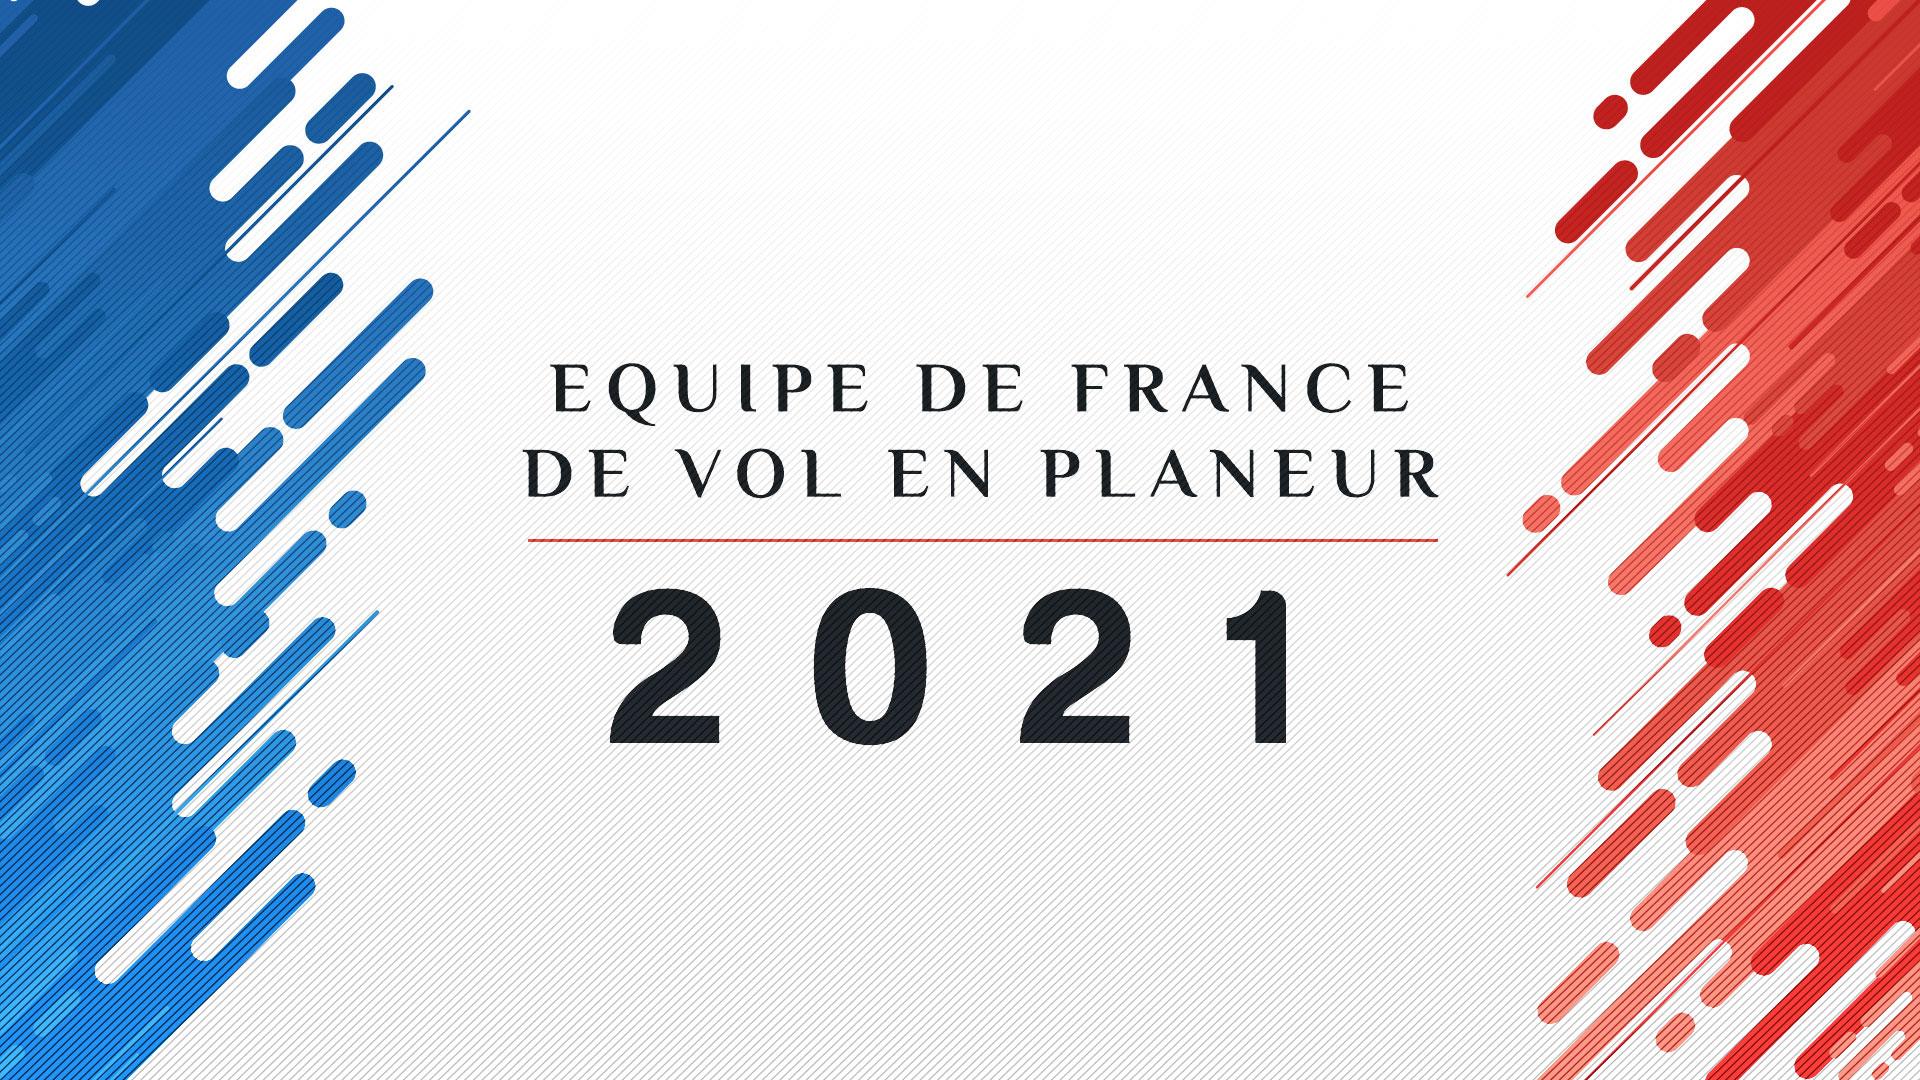 Comité de sélection – Equipe de France de vol en planeur senior 2021